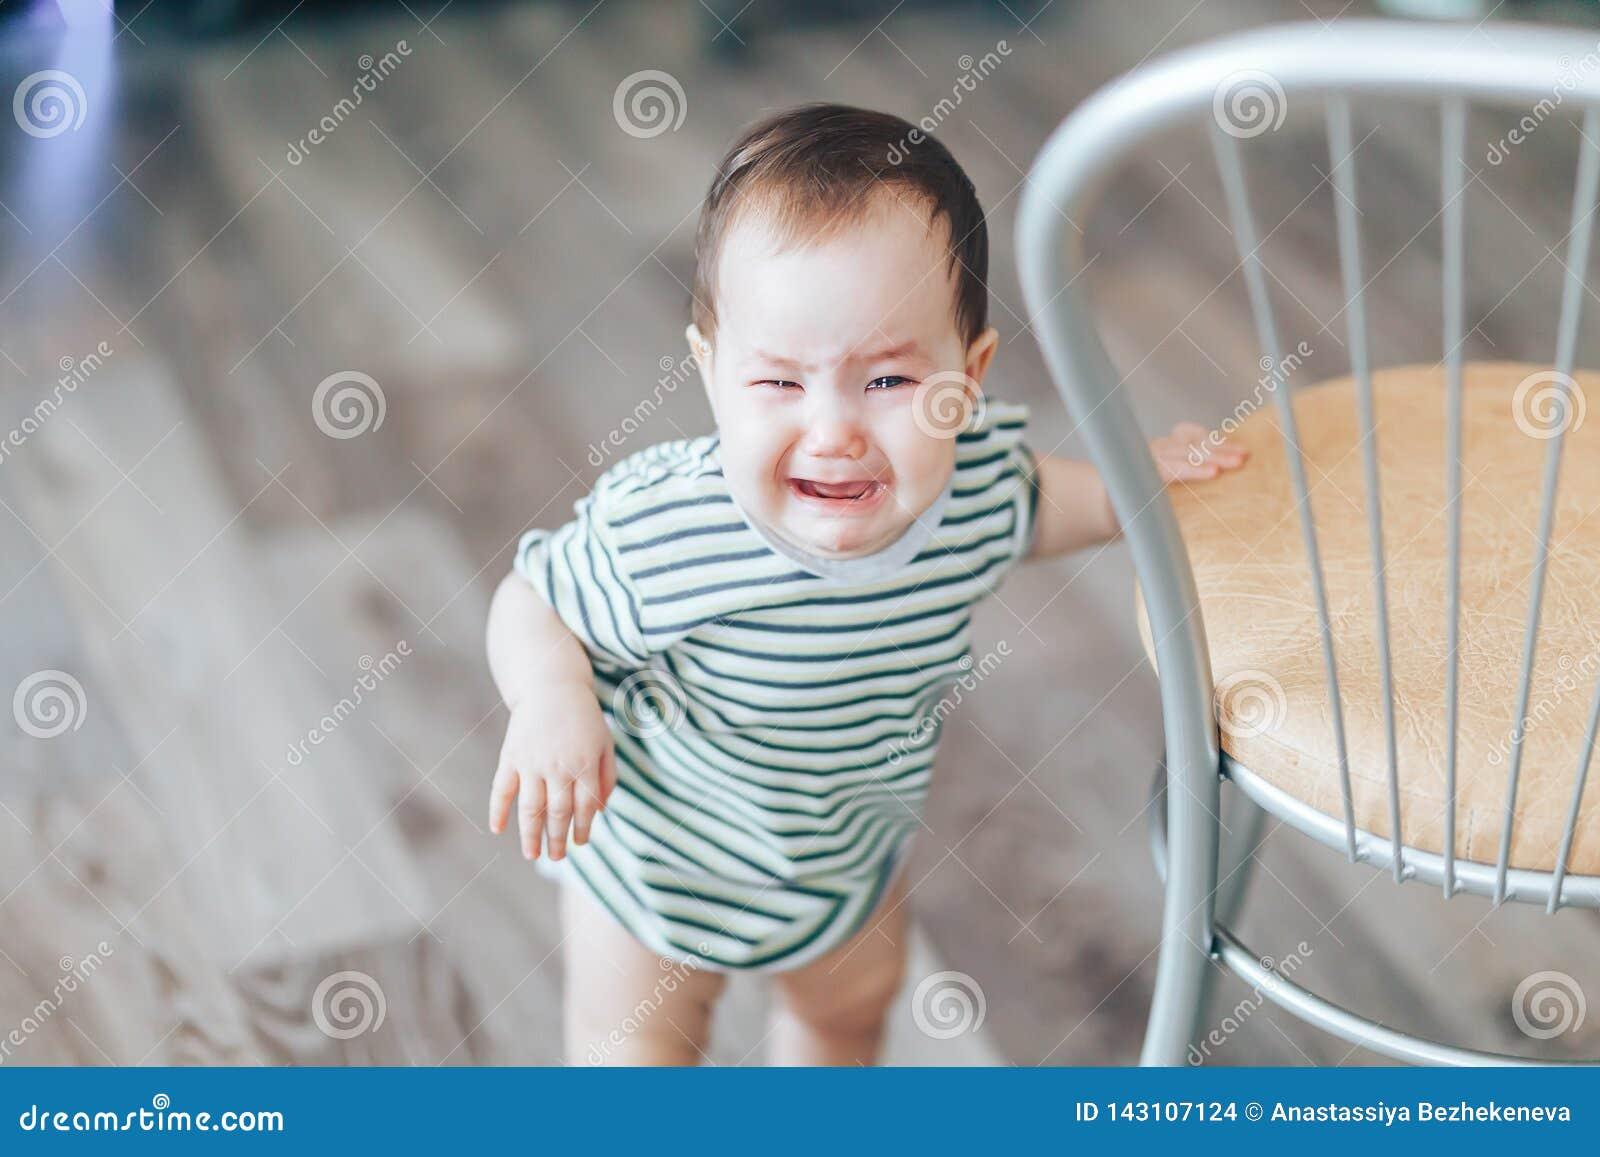 Schreeuwend weinig cutie drk-haired meisje, tribunes die luid schreeuwen die, dichtbij stoel zich thuis bevinden